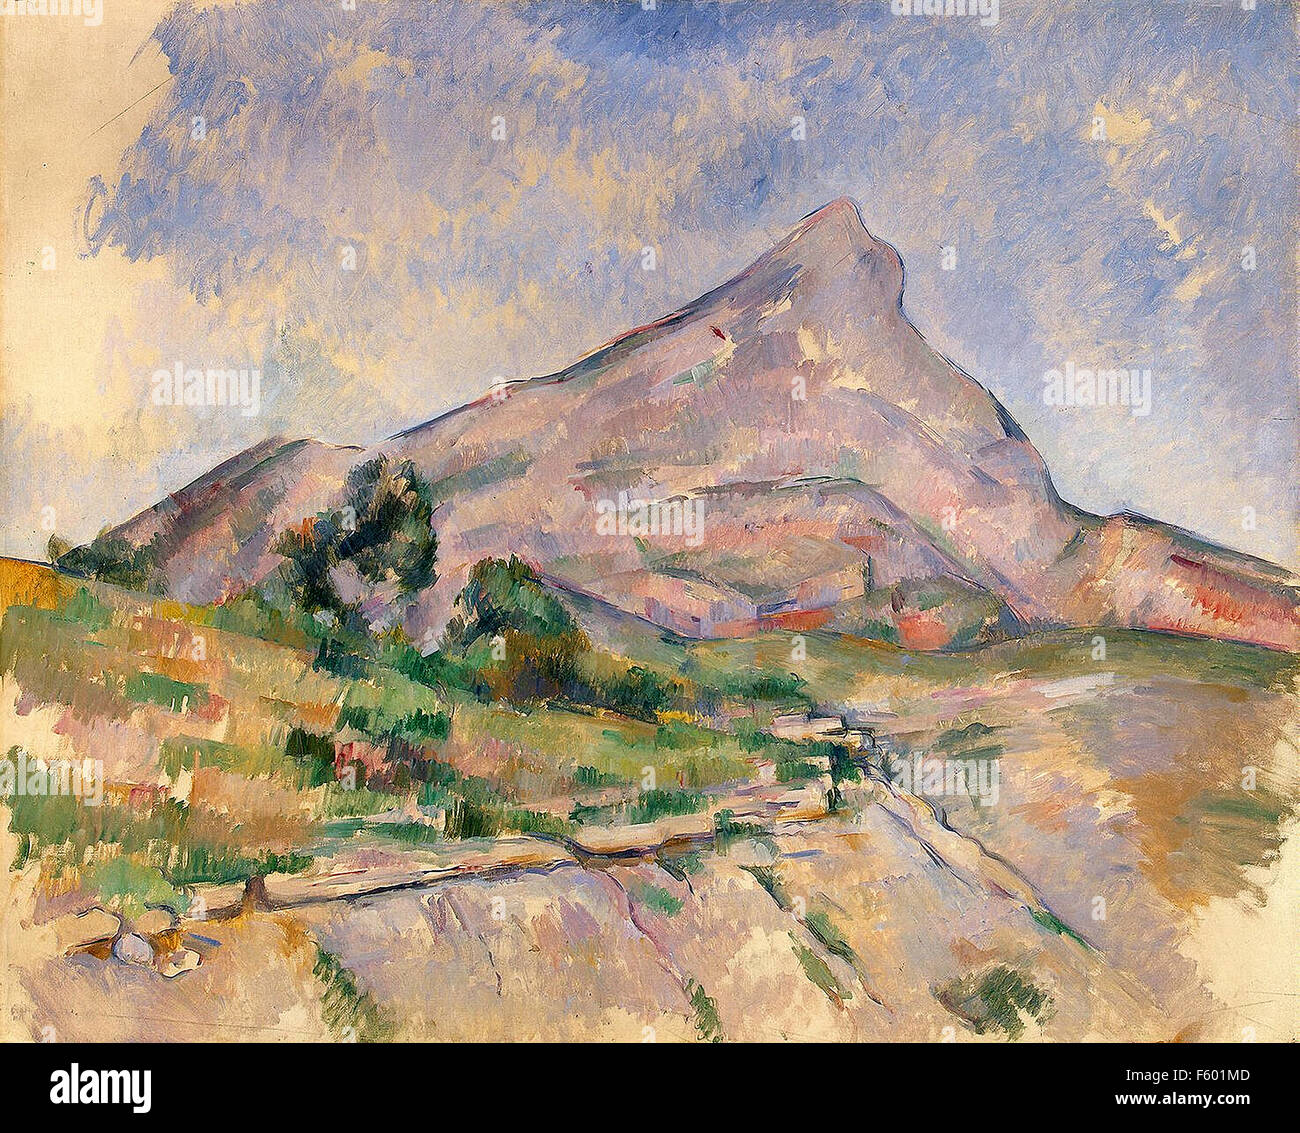 Paul Cézanne - Mont Sainte-Victoire 56 - Stock Image